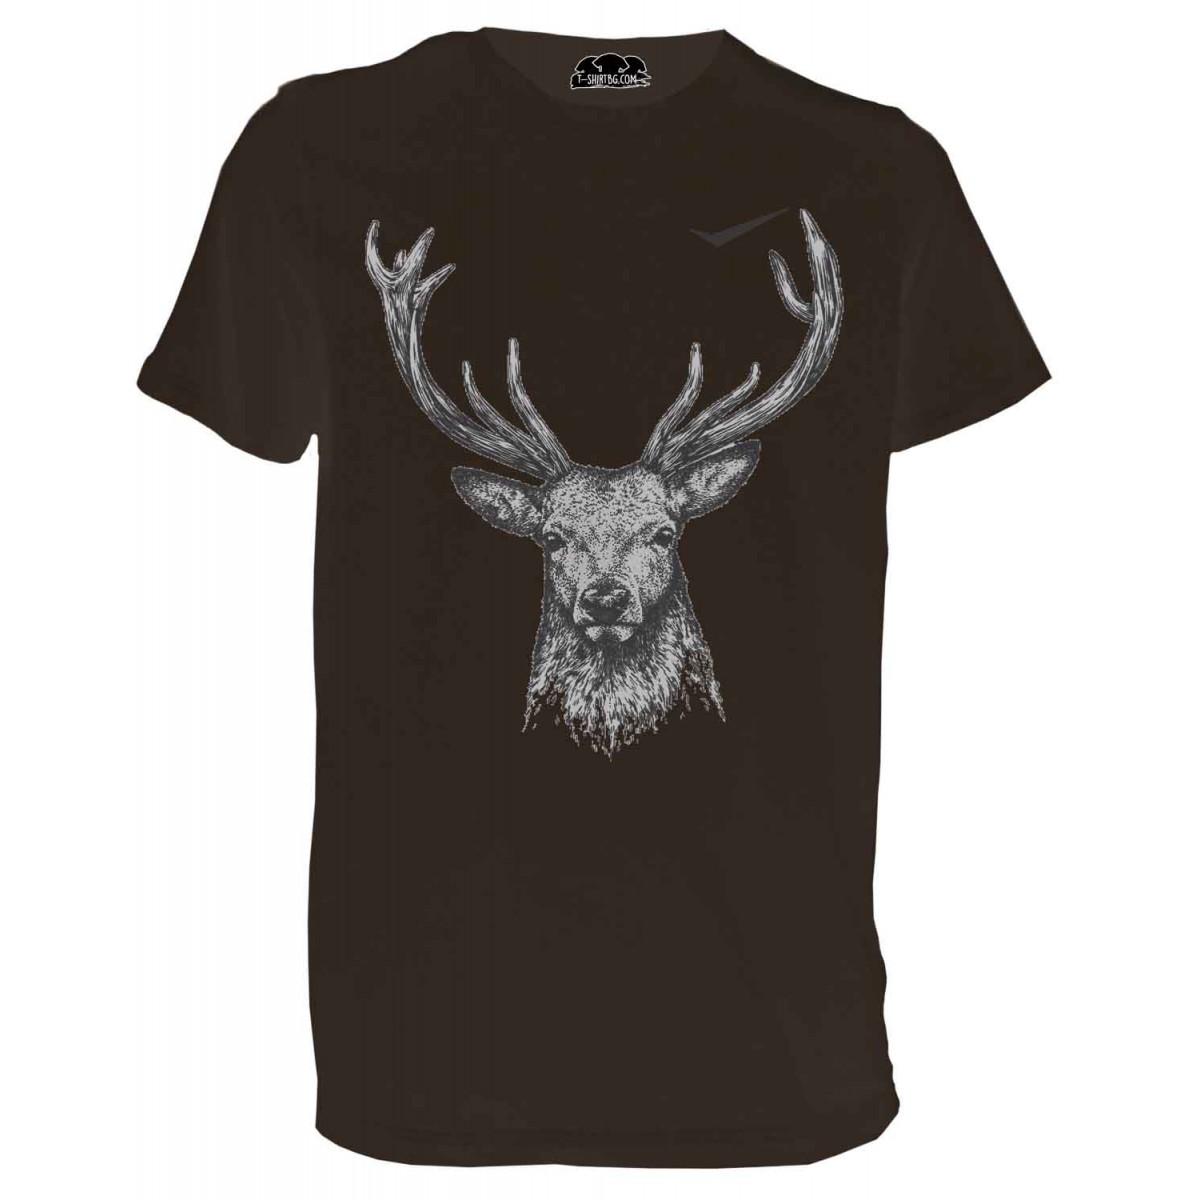 Ловна тениска с елен - кафява